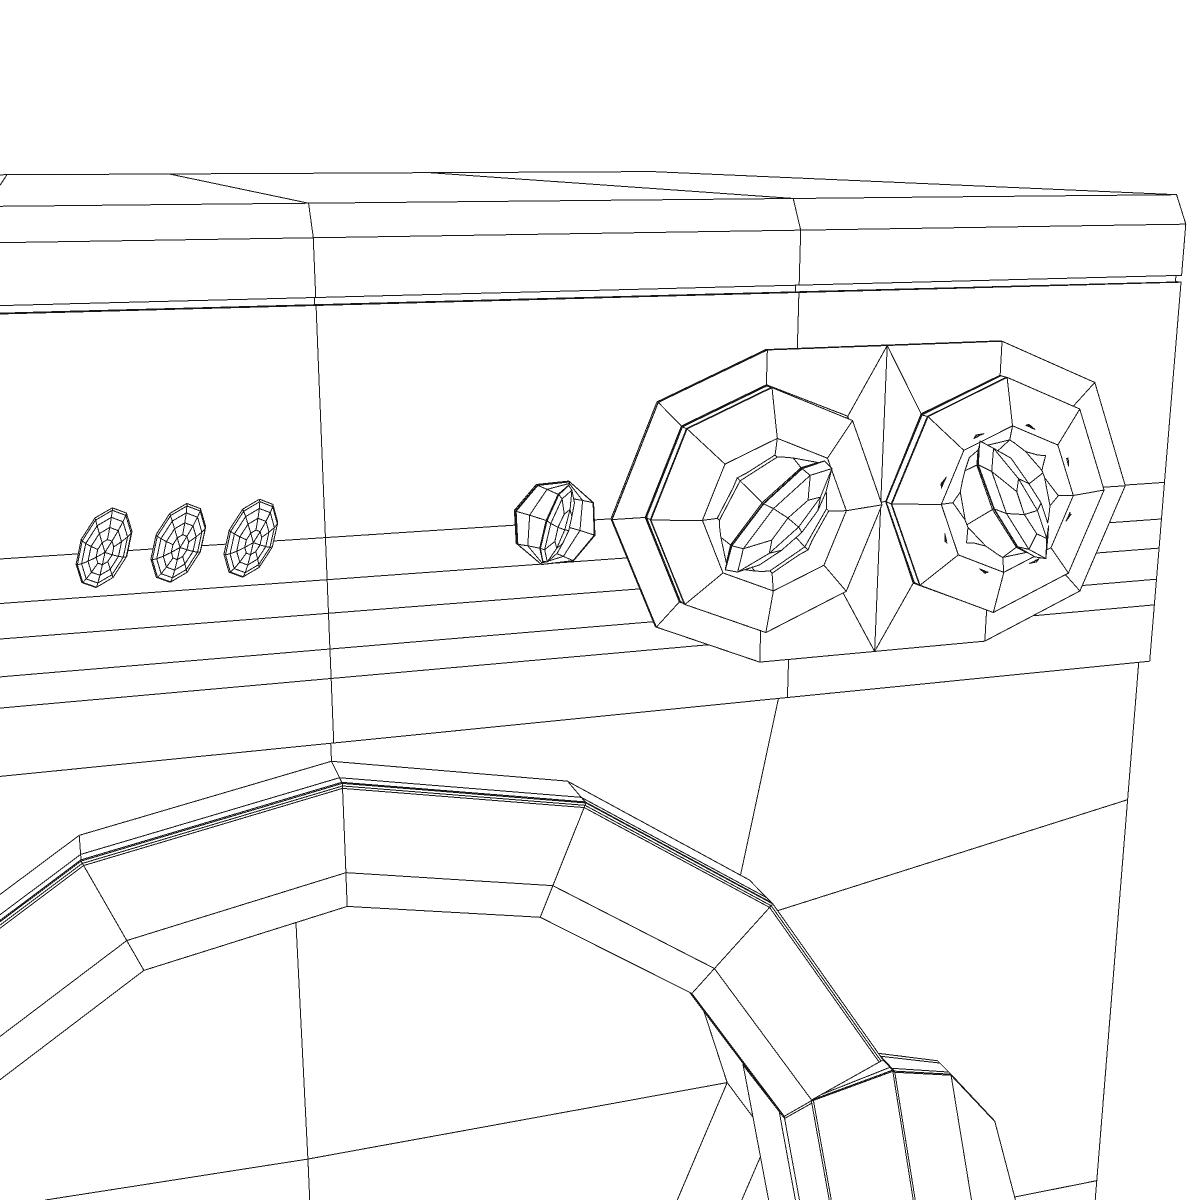 washermachine 3d model 3ds max fbx ma mb obj 158875